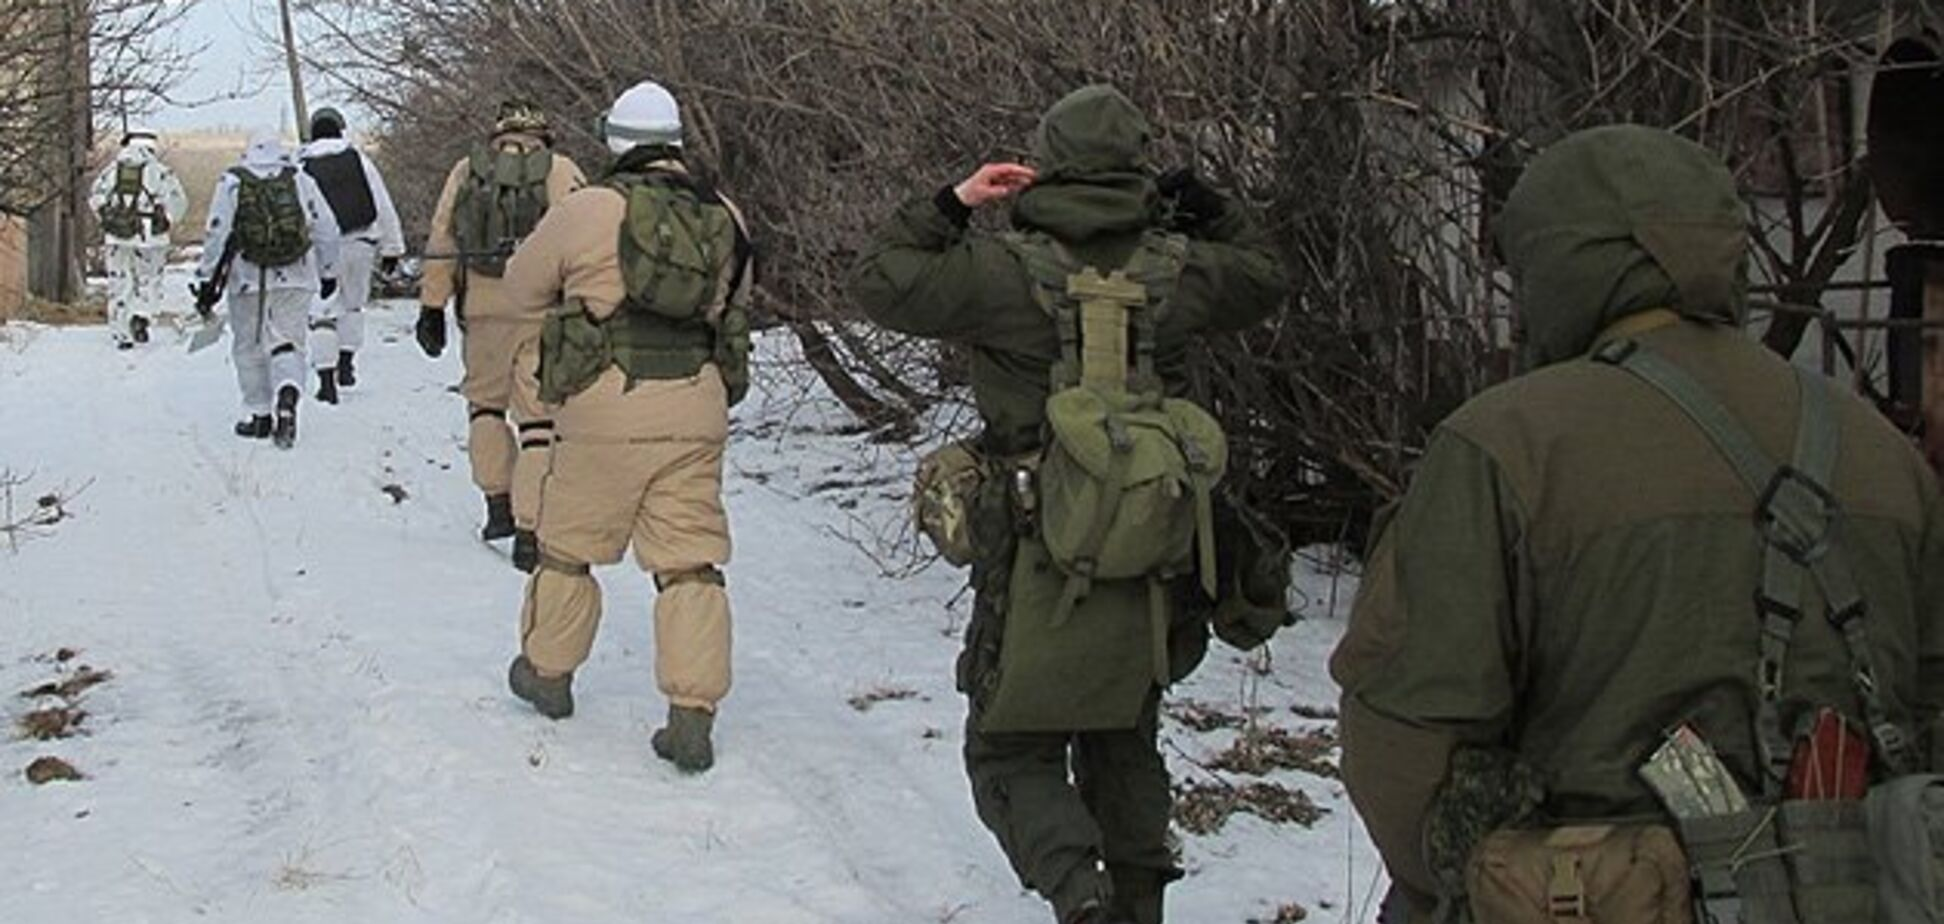 'Авторитеты' на охоте: ветеран шокировал рассказом о сафари на людей в АТО